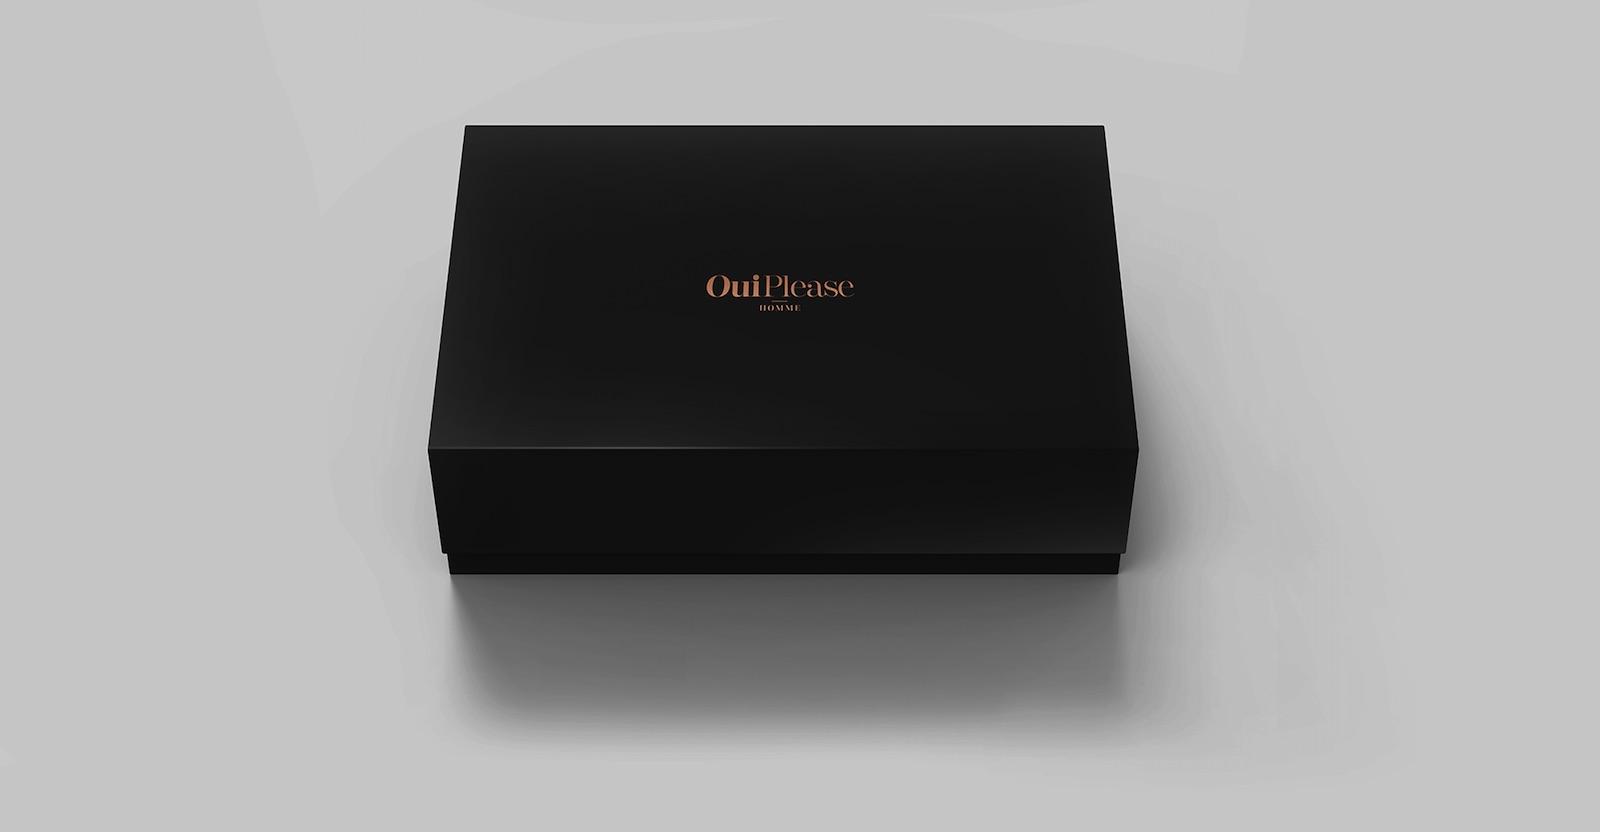 Luxusní předplatné pro muže přináší členům vybrané francouzské produkty